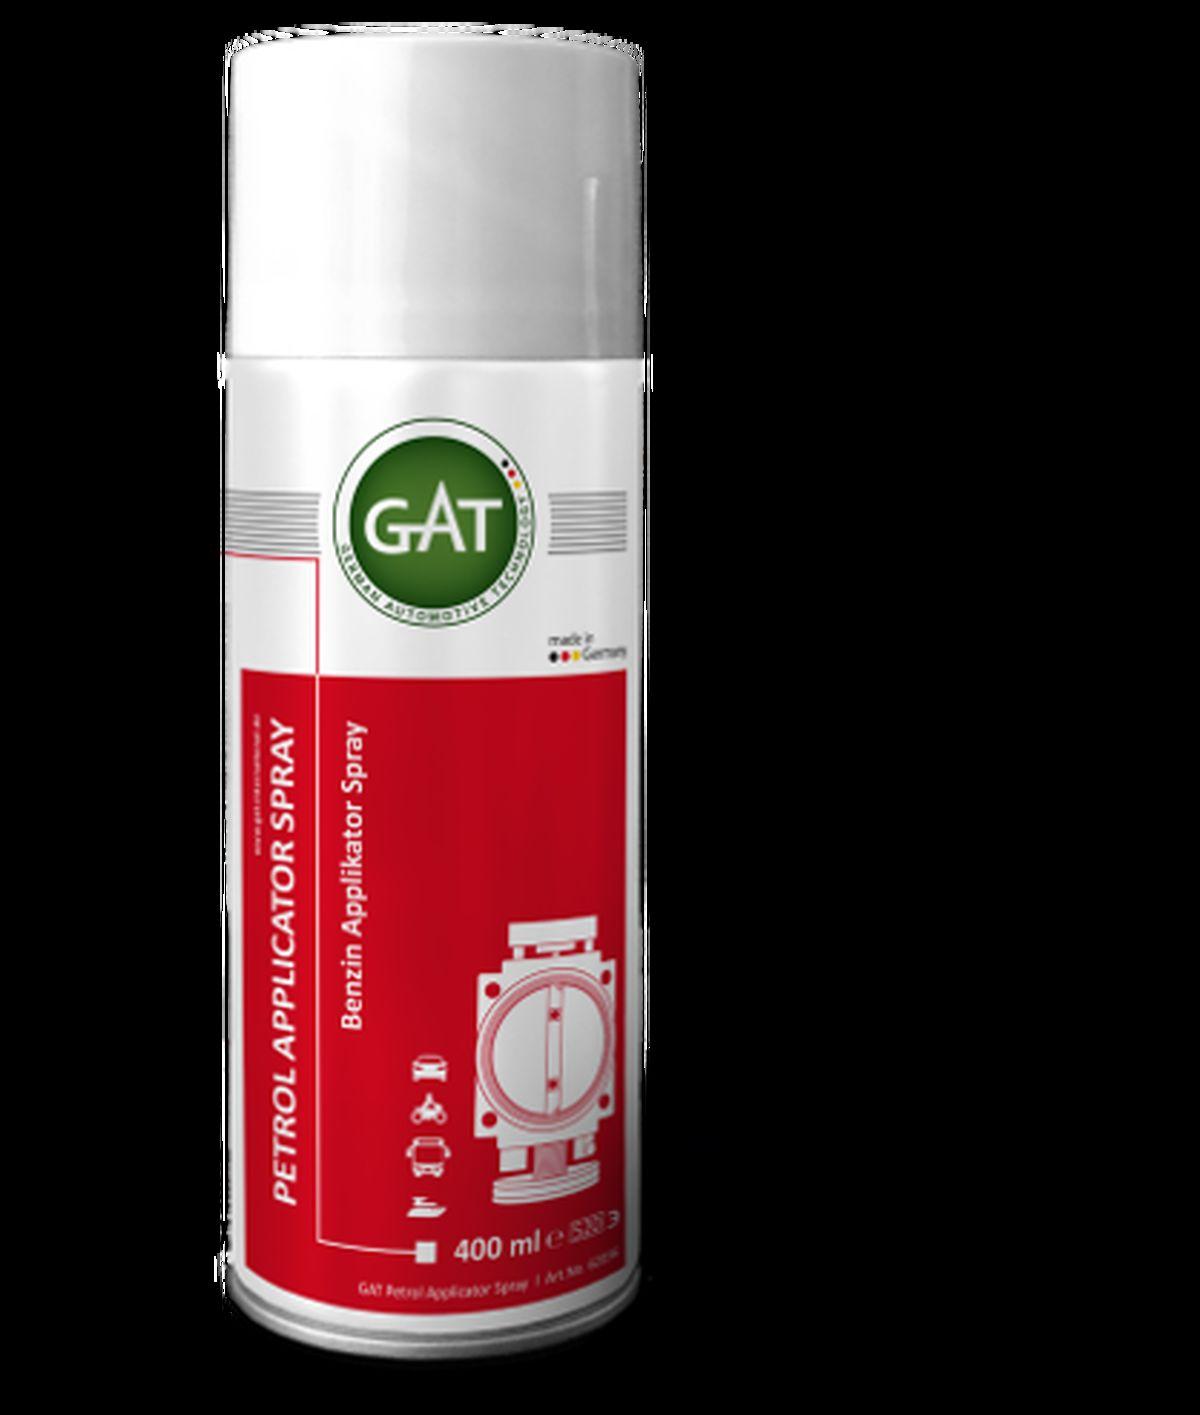 اسپری دریچه گاز چیست و چه کاربردی دارد؟